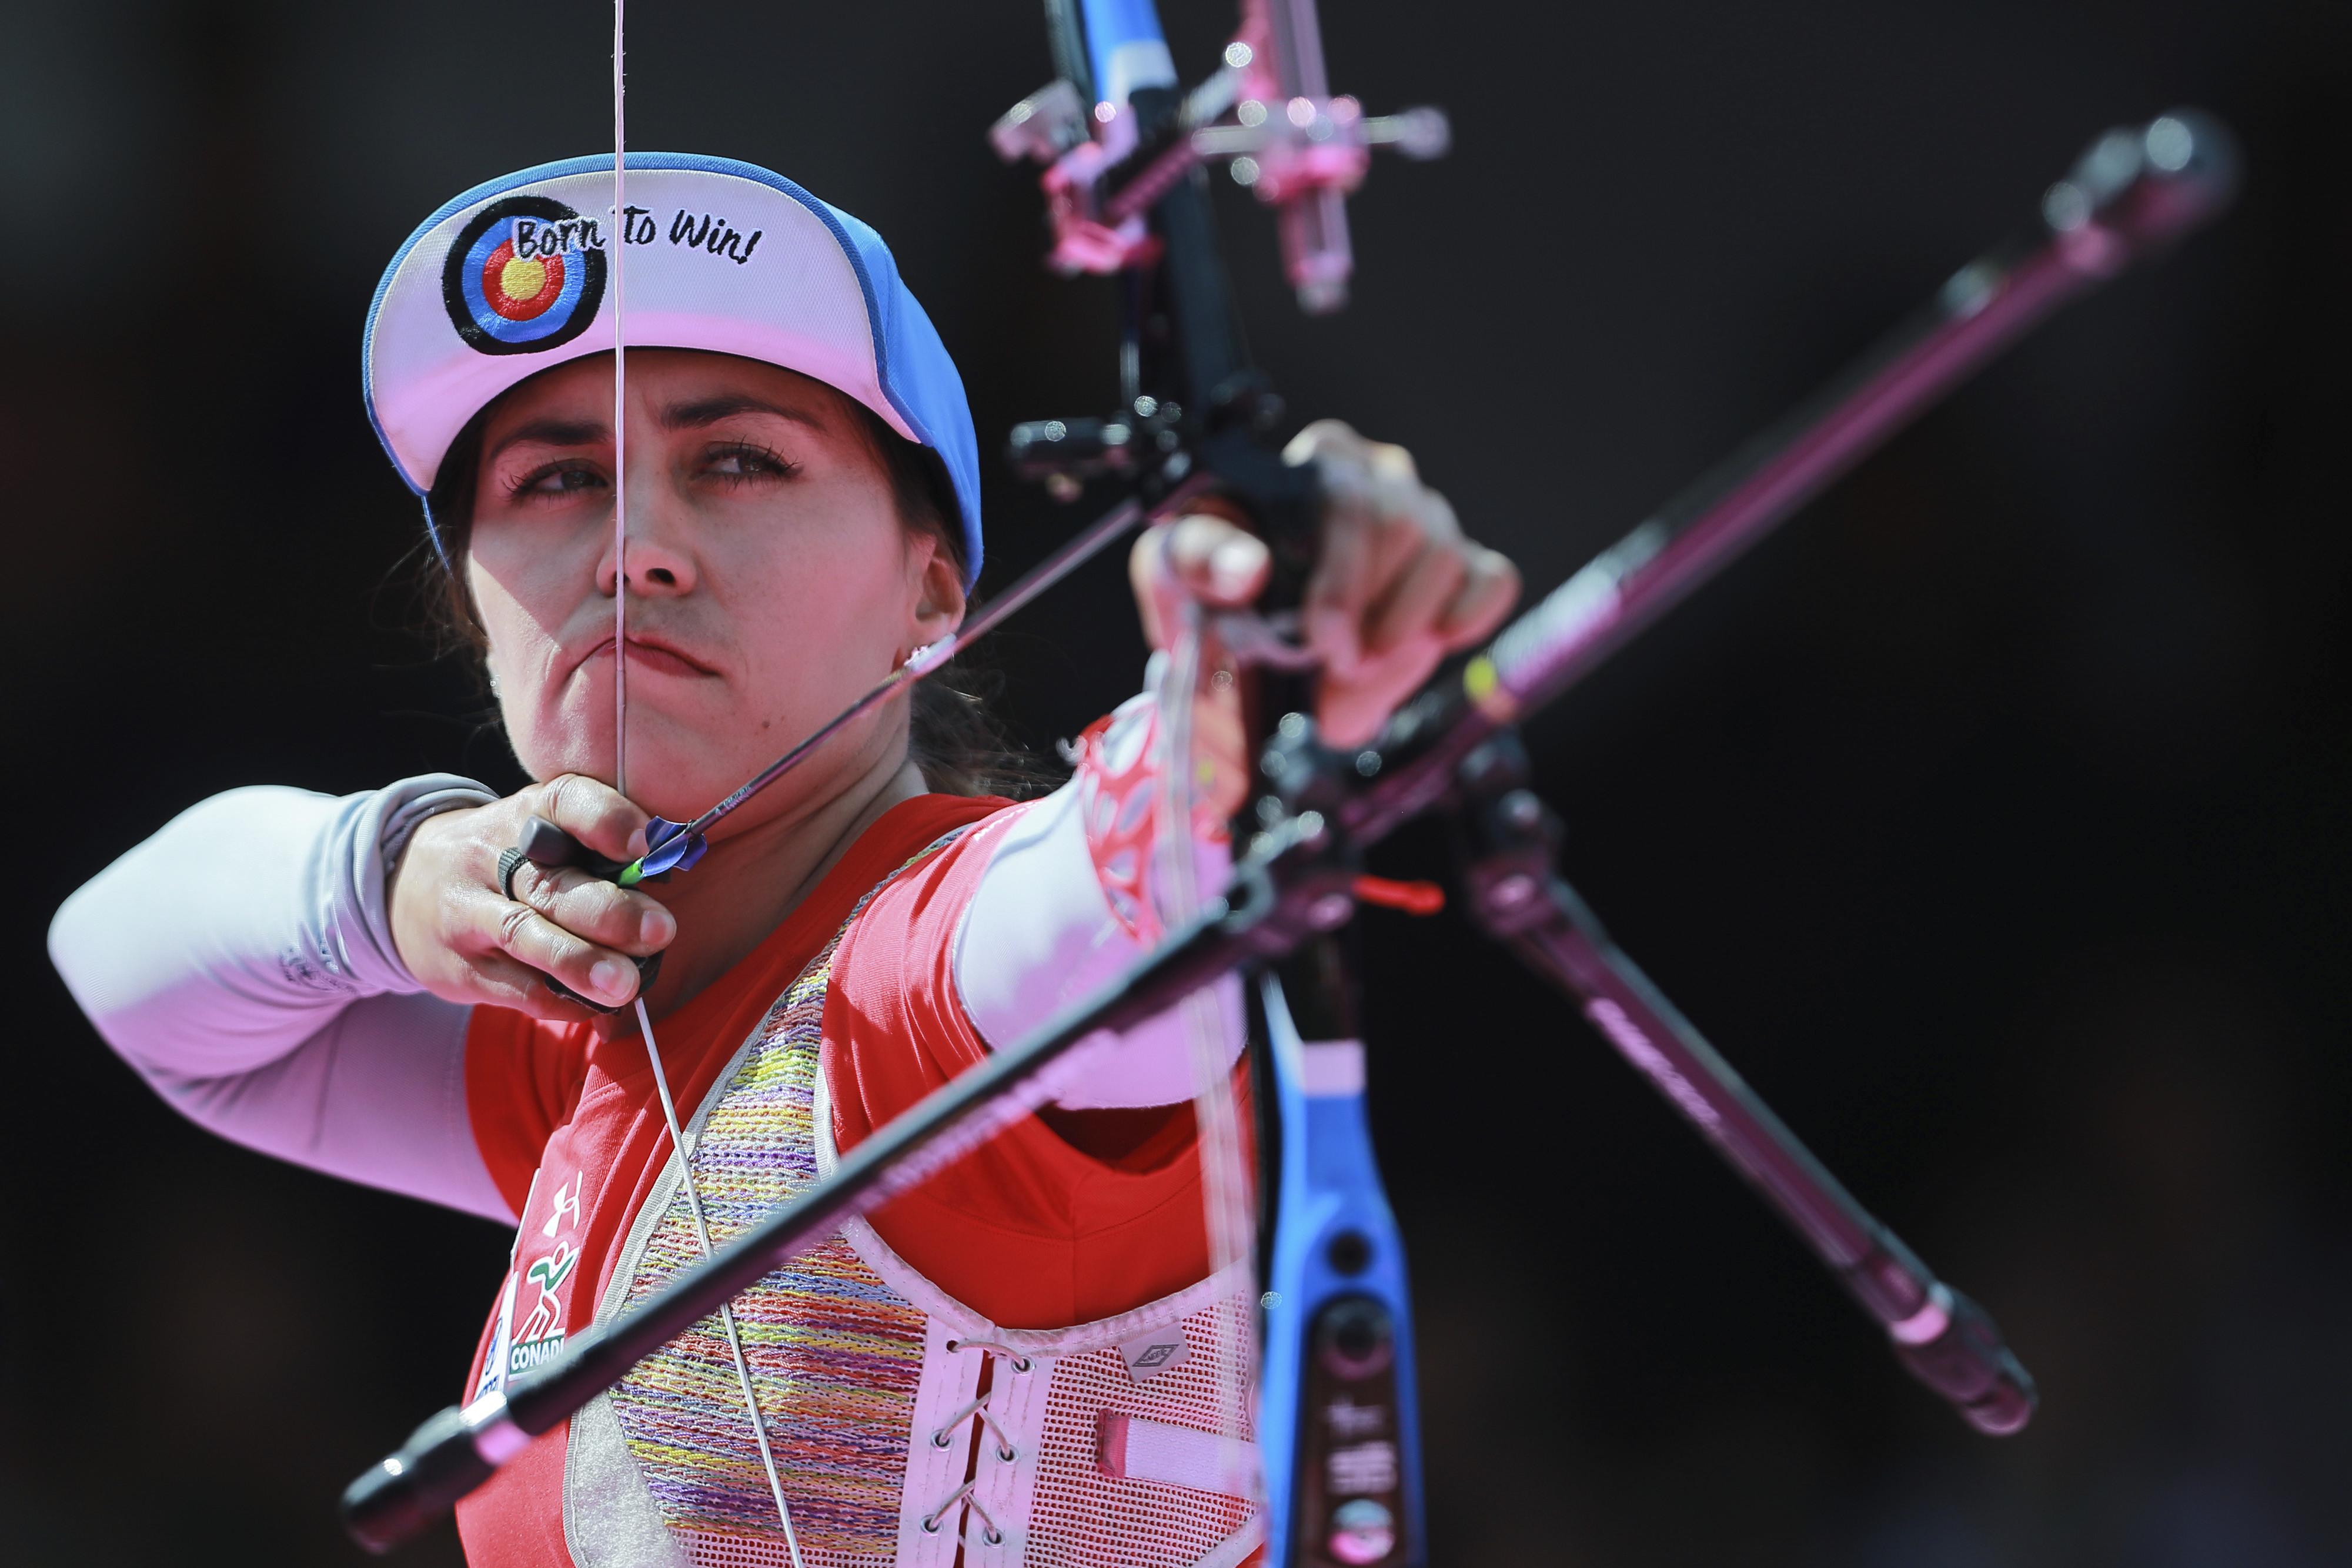 Aída Roman, Atleta, Tiro Con Arco, Olímpicos, Medallista, Campeona